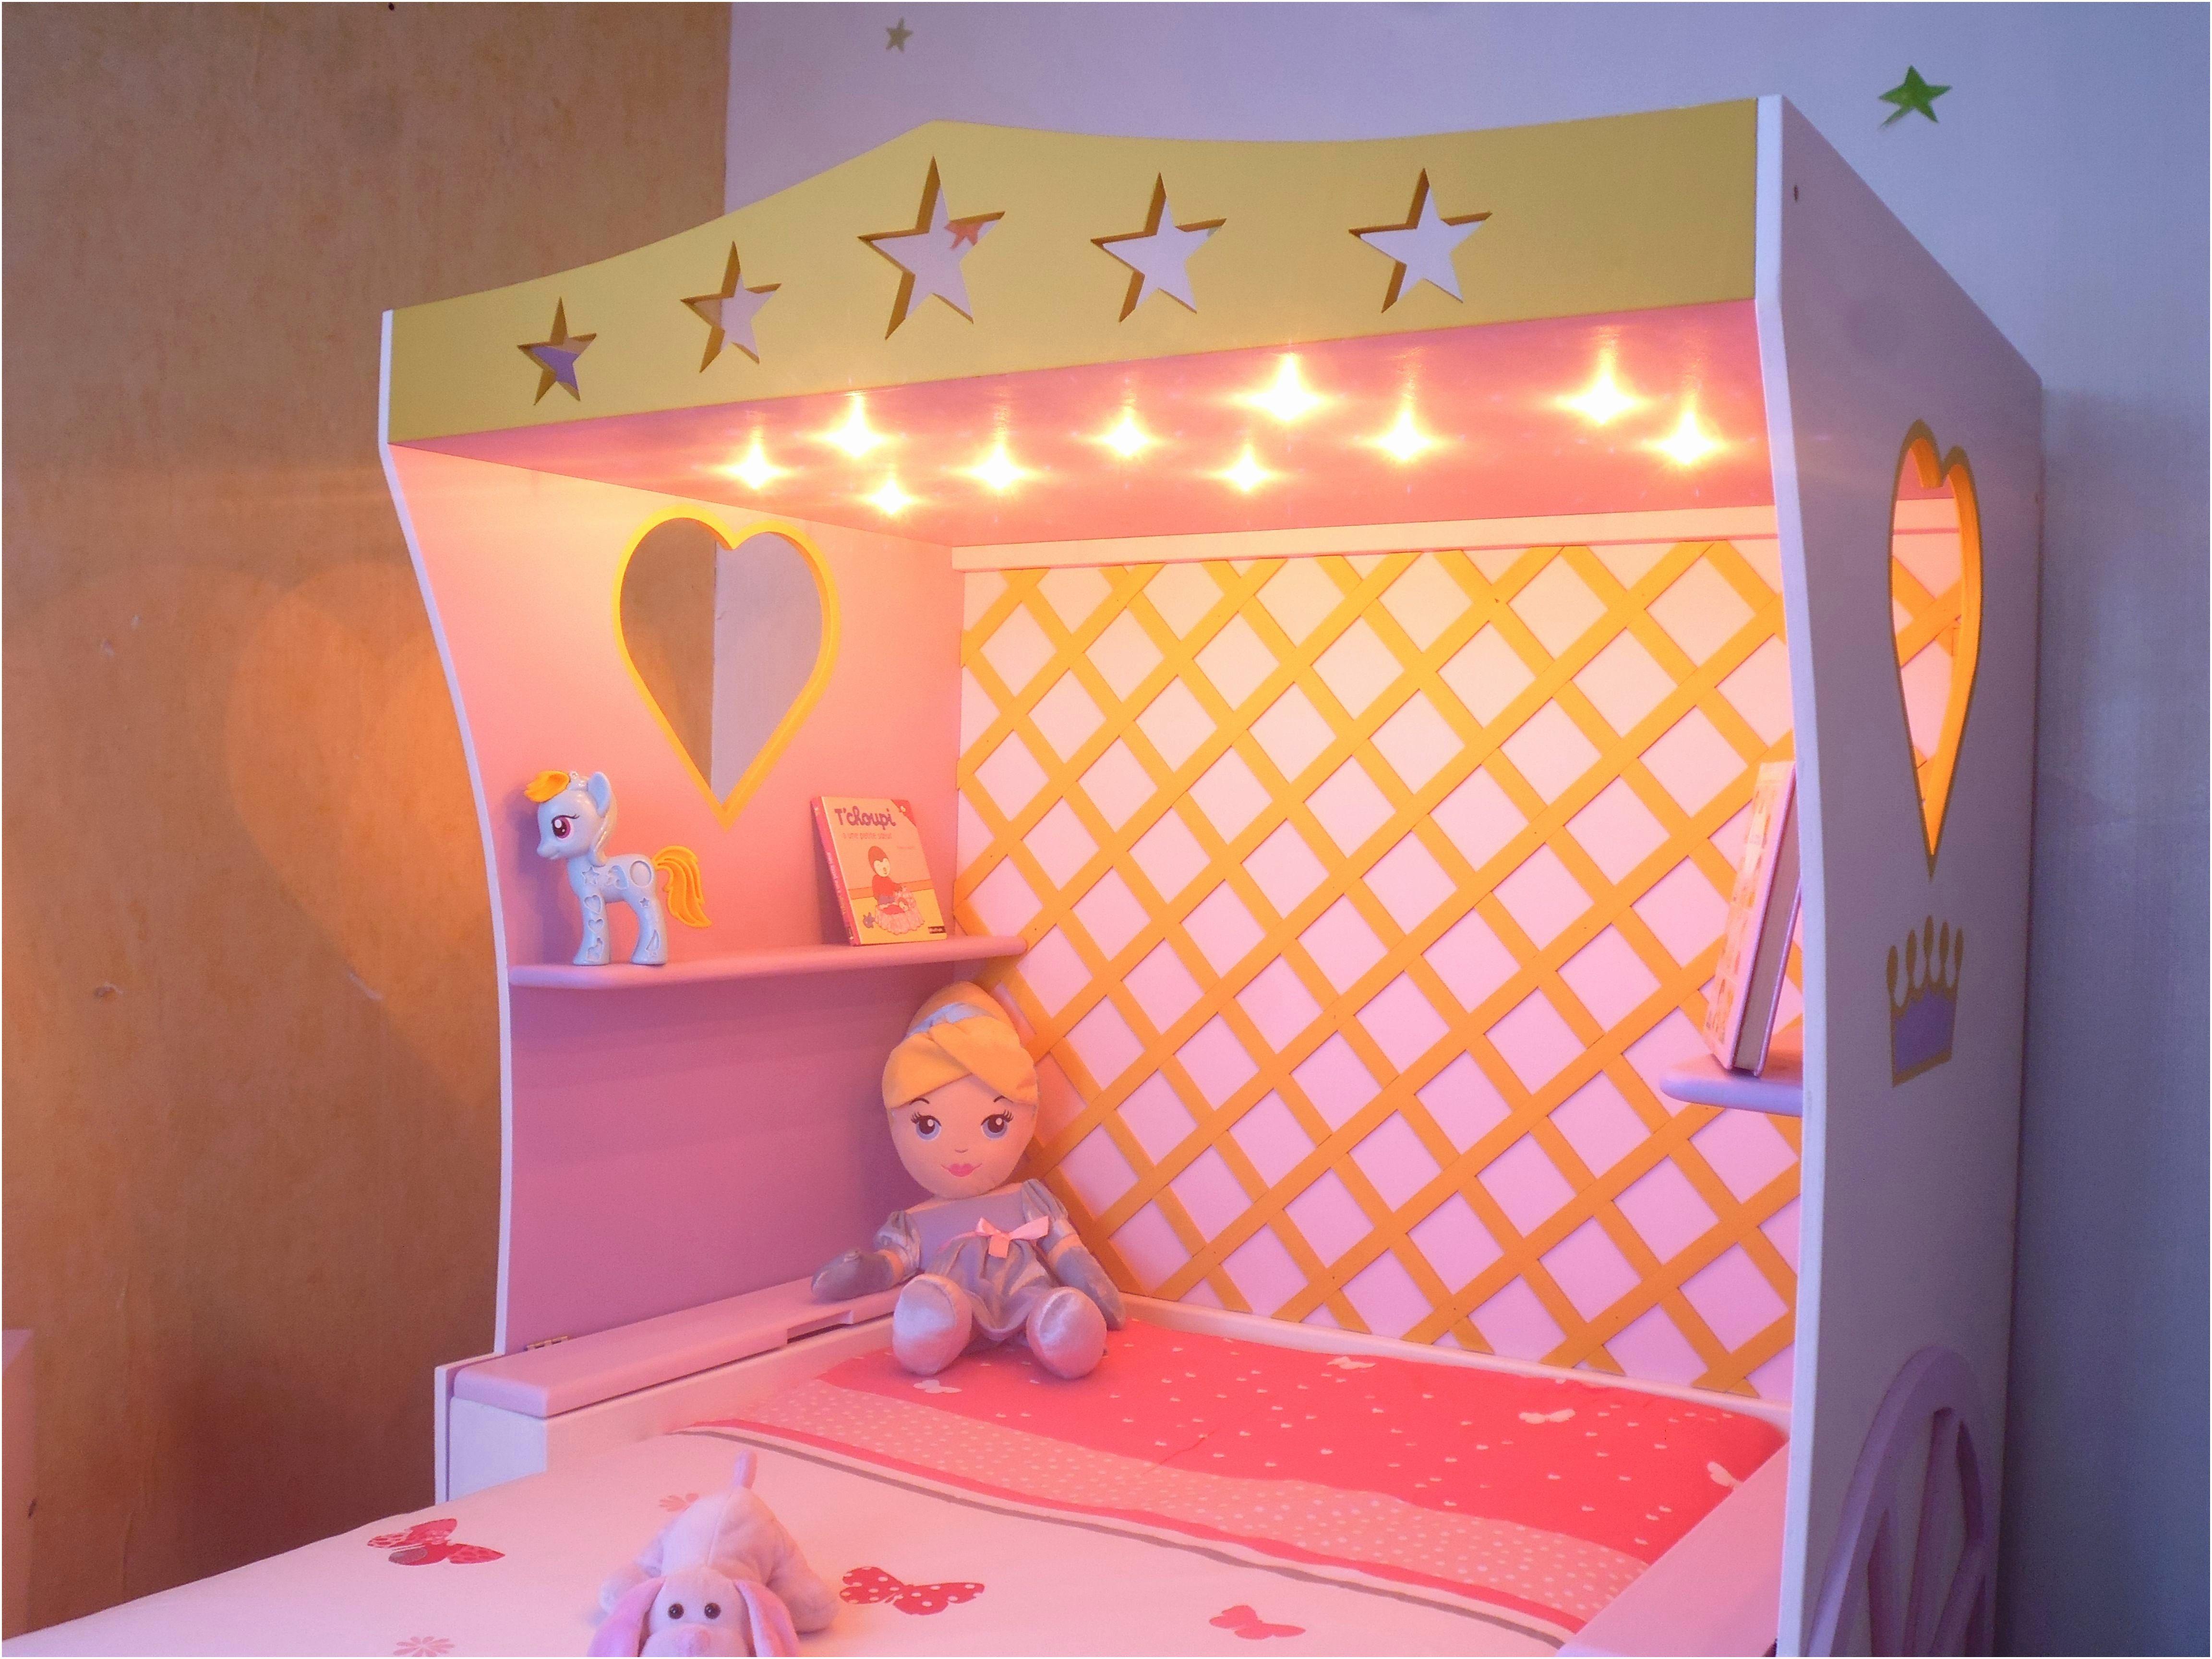 Lit Armoire Ikea Luxe Enchantant Conforama Lit Armoire Escamotable Sur Lit Armoire